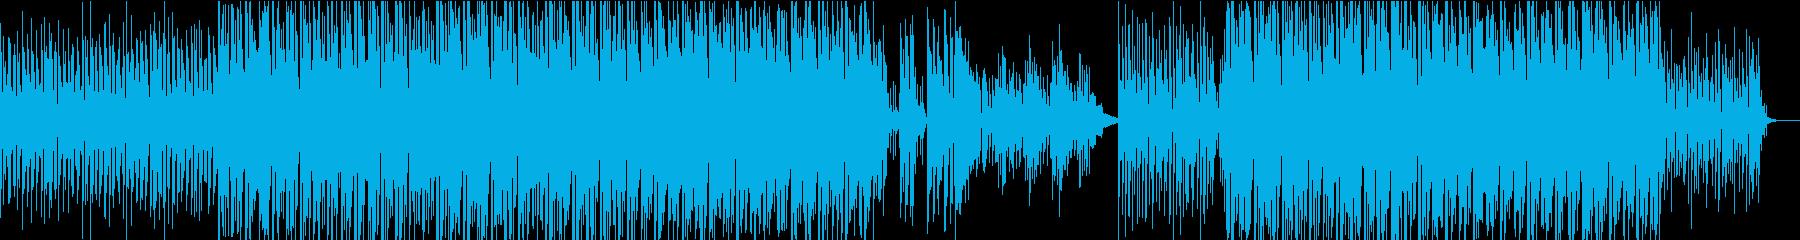 キュートでレトロなモダンサウンドの再生済みの波形